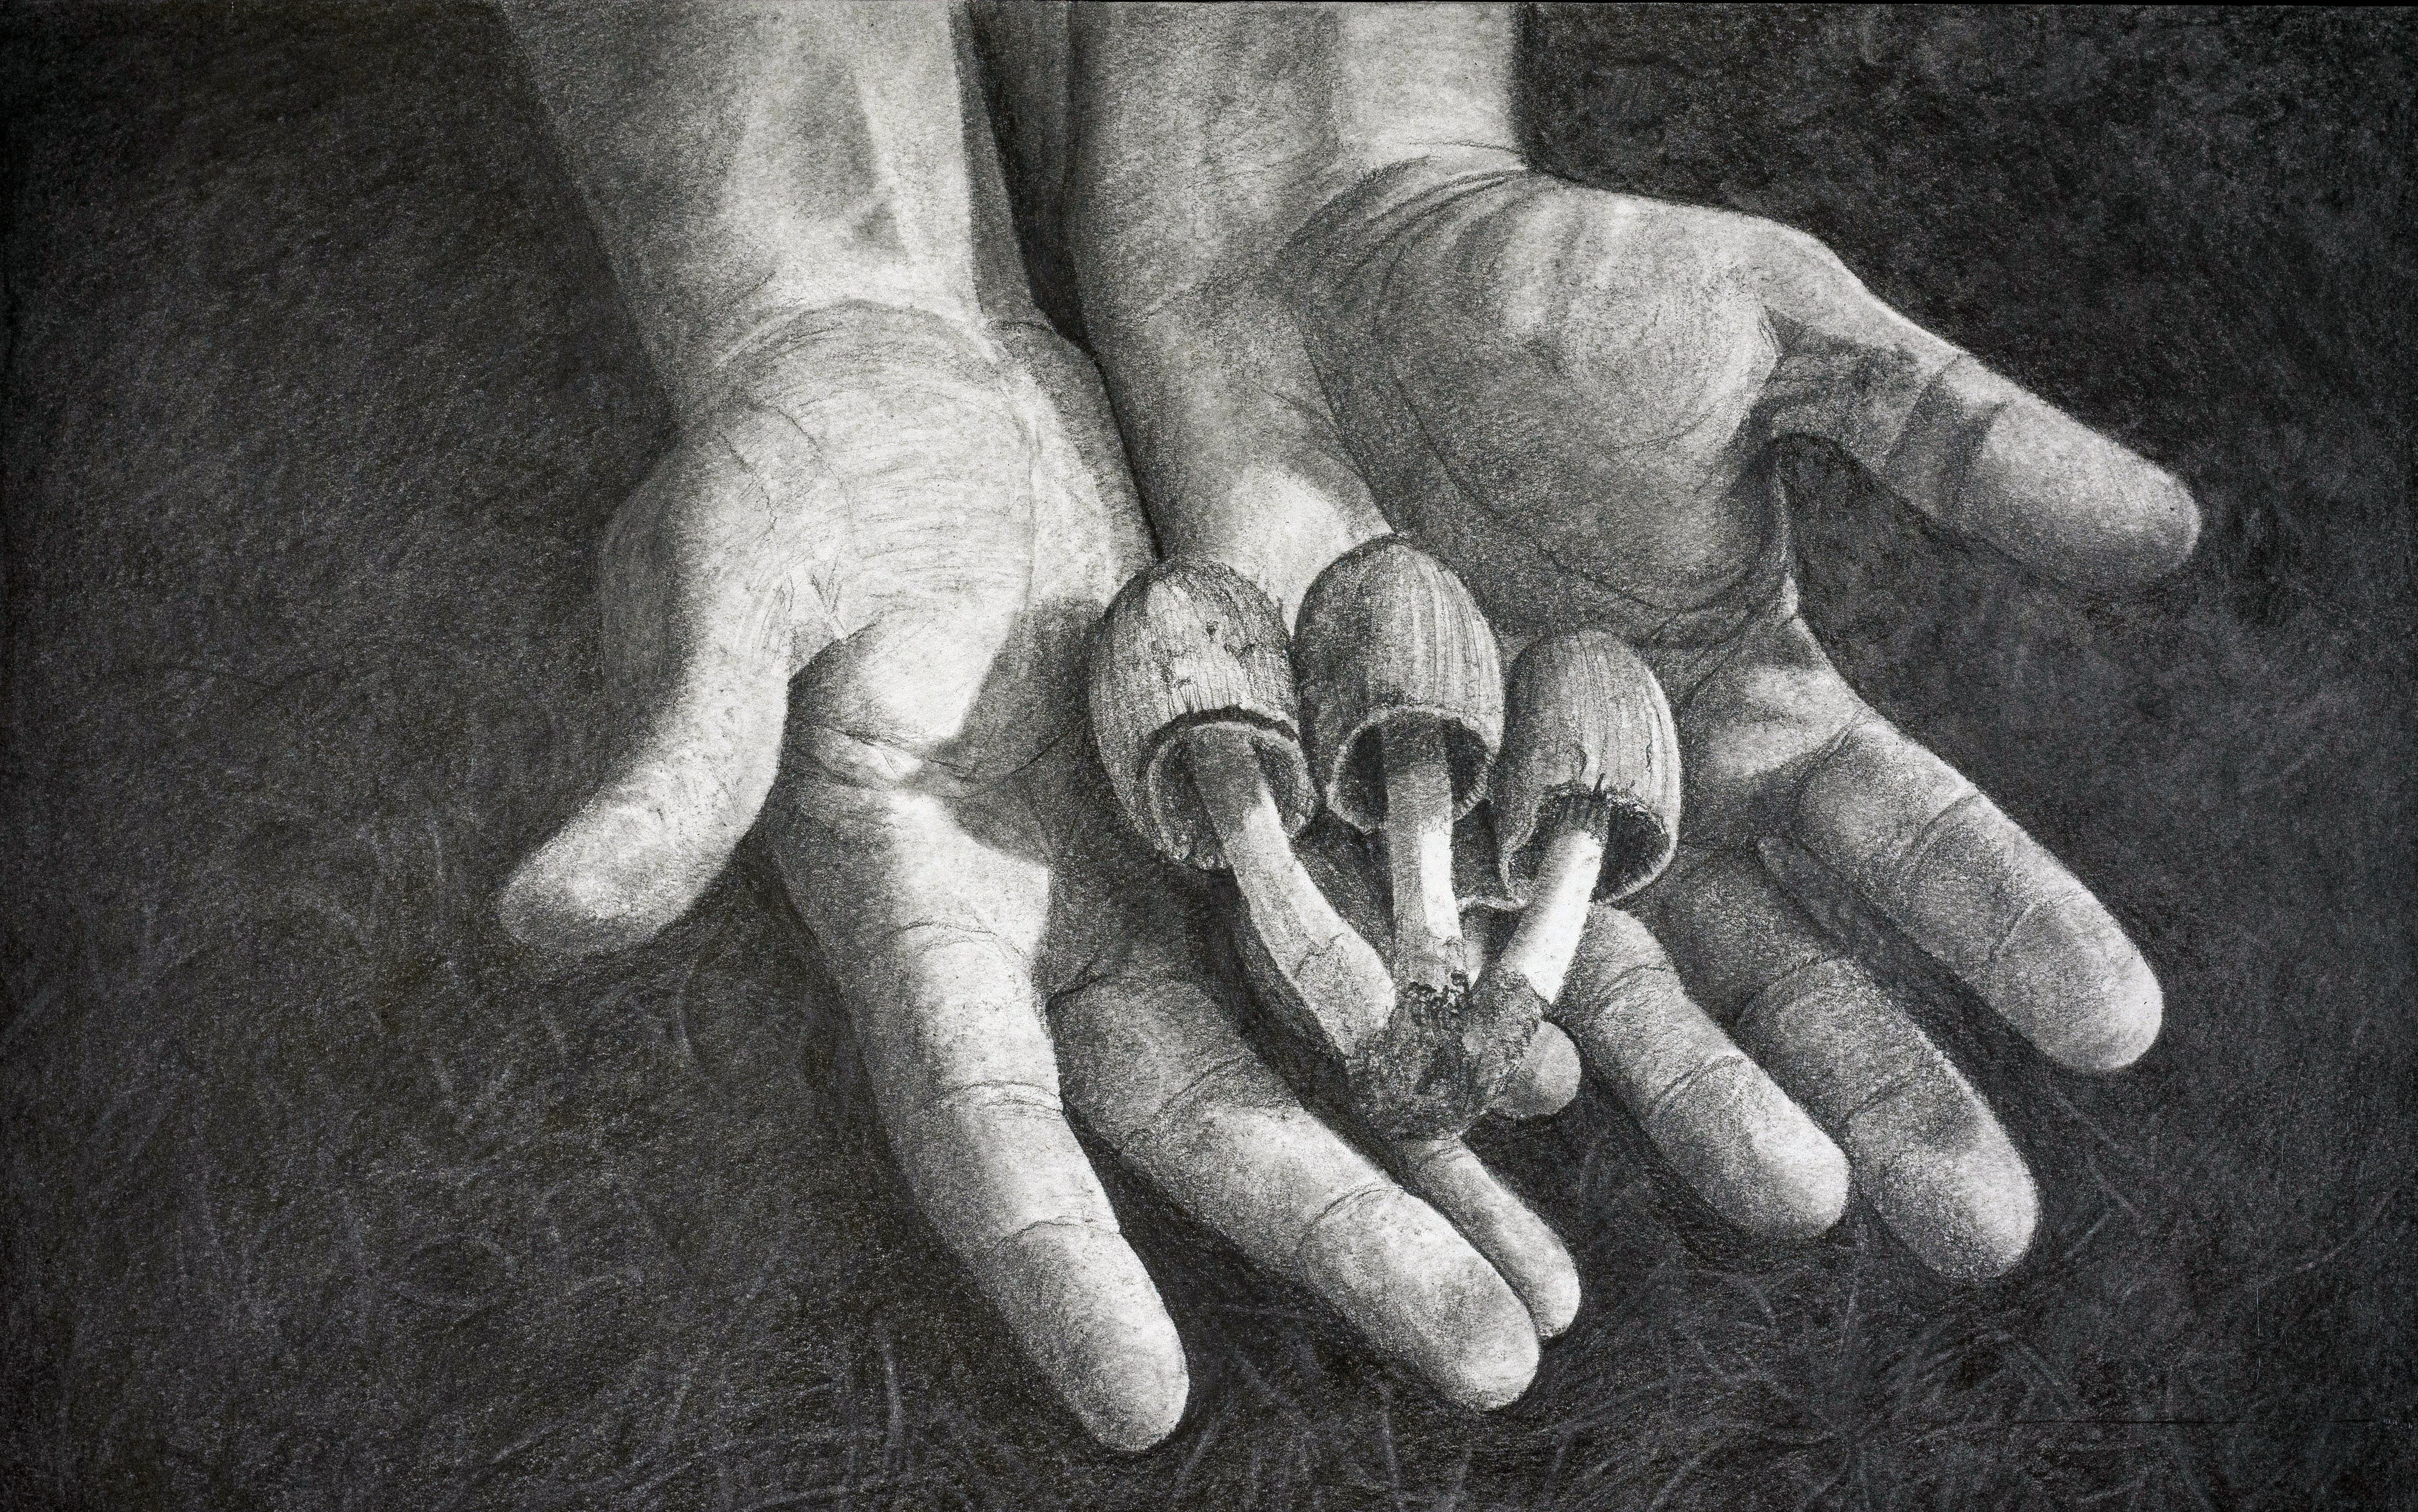 Les champignons (2017)